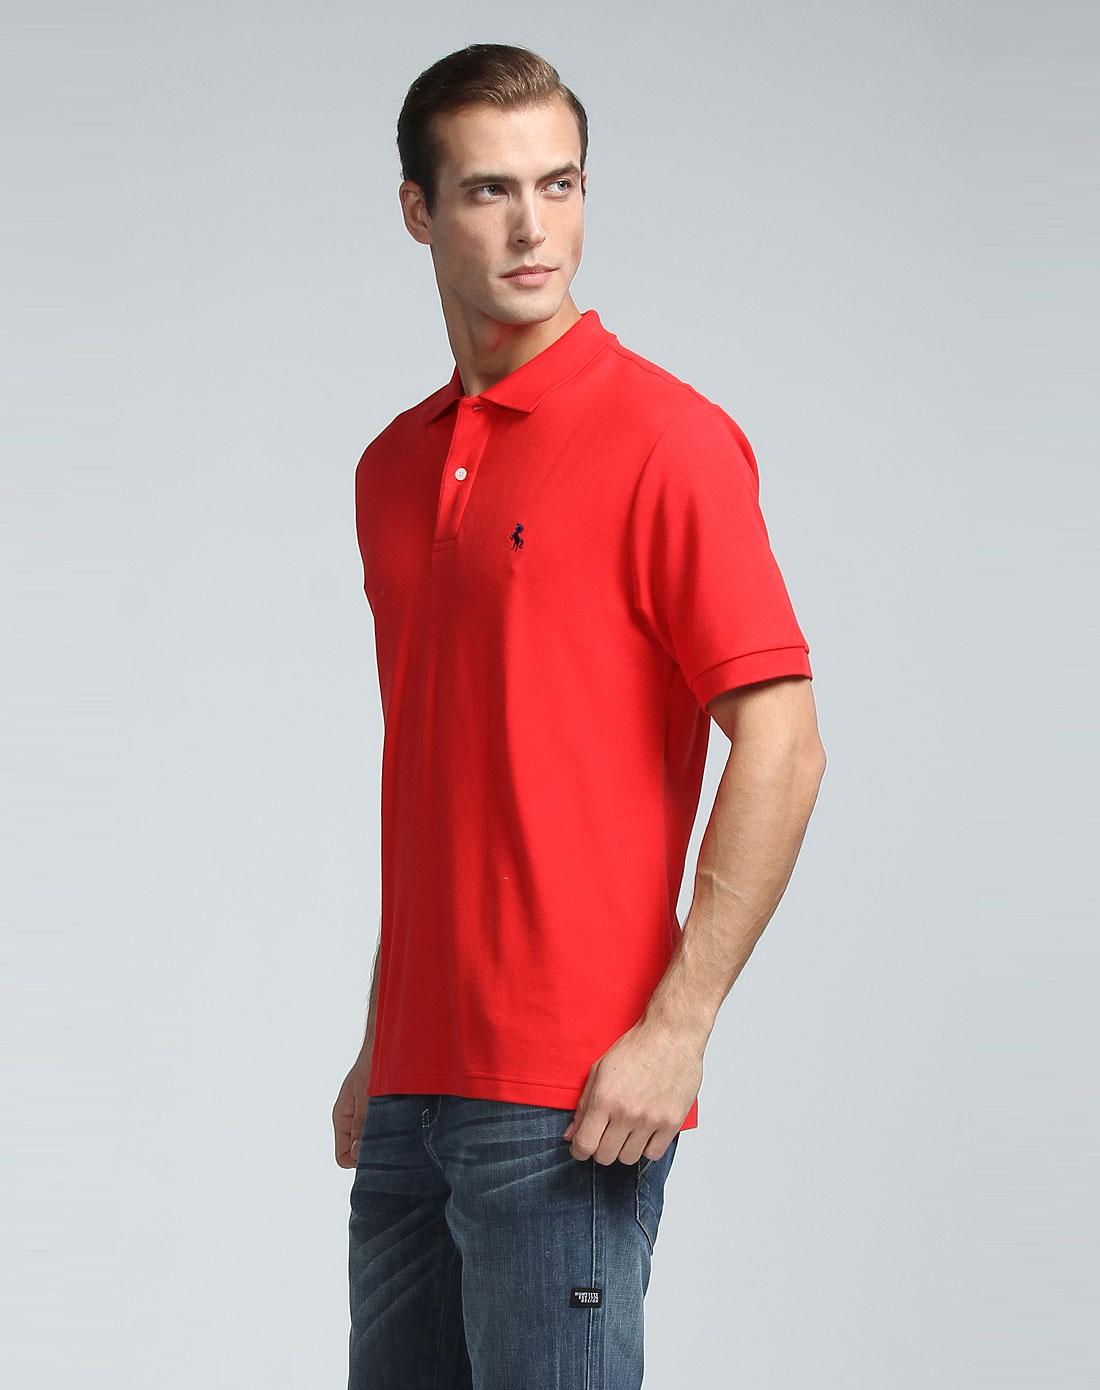 男款大红色t恤